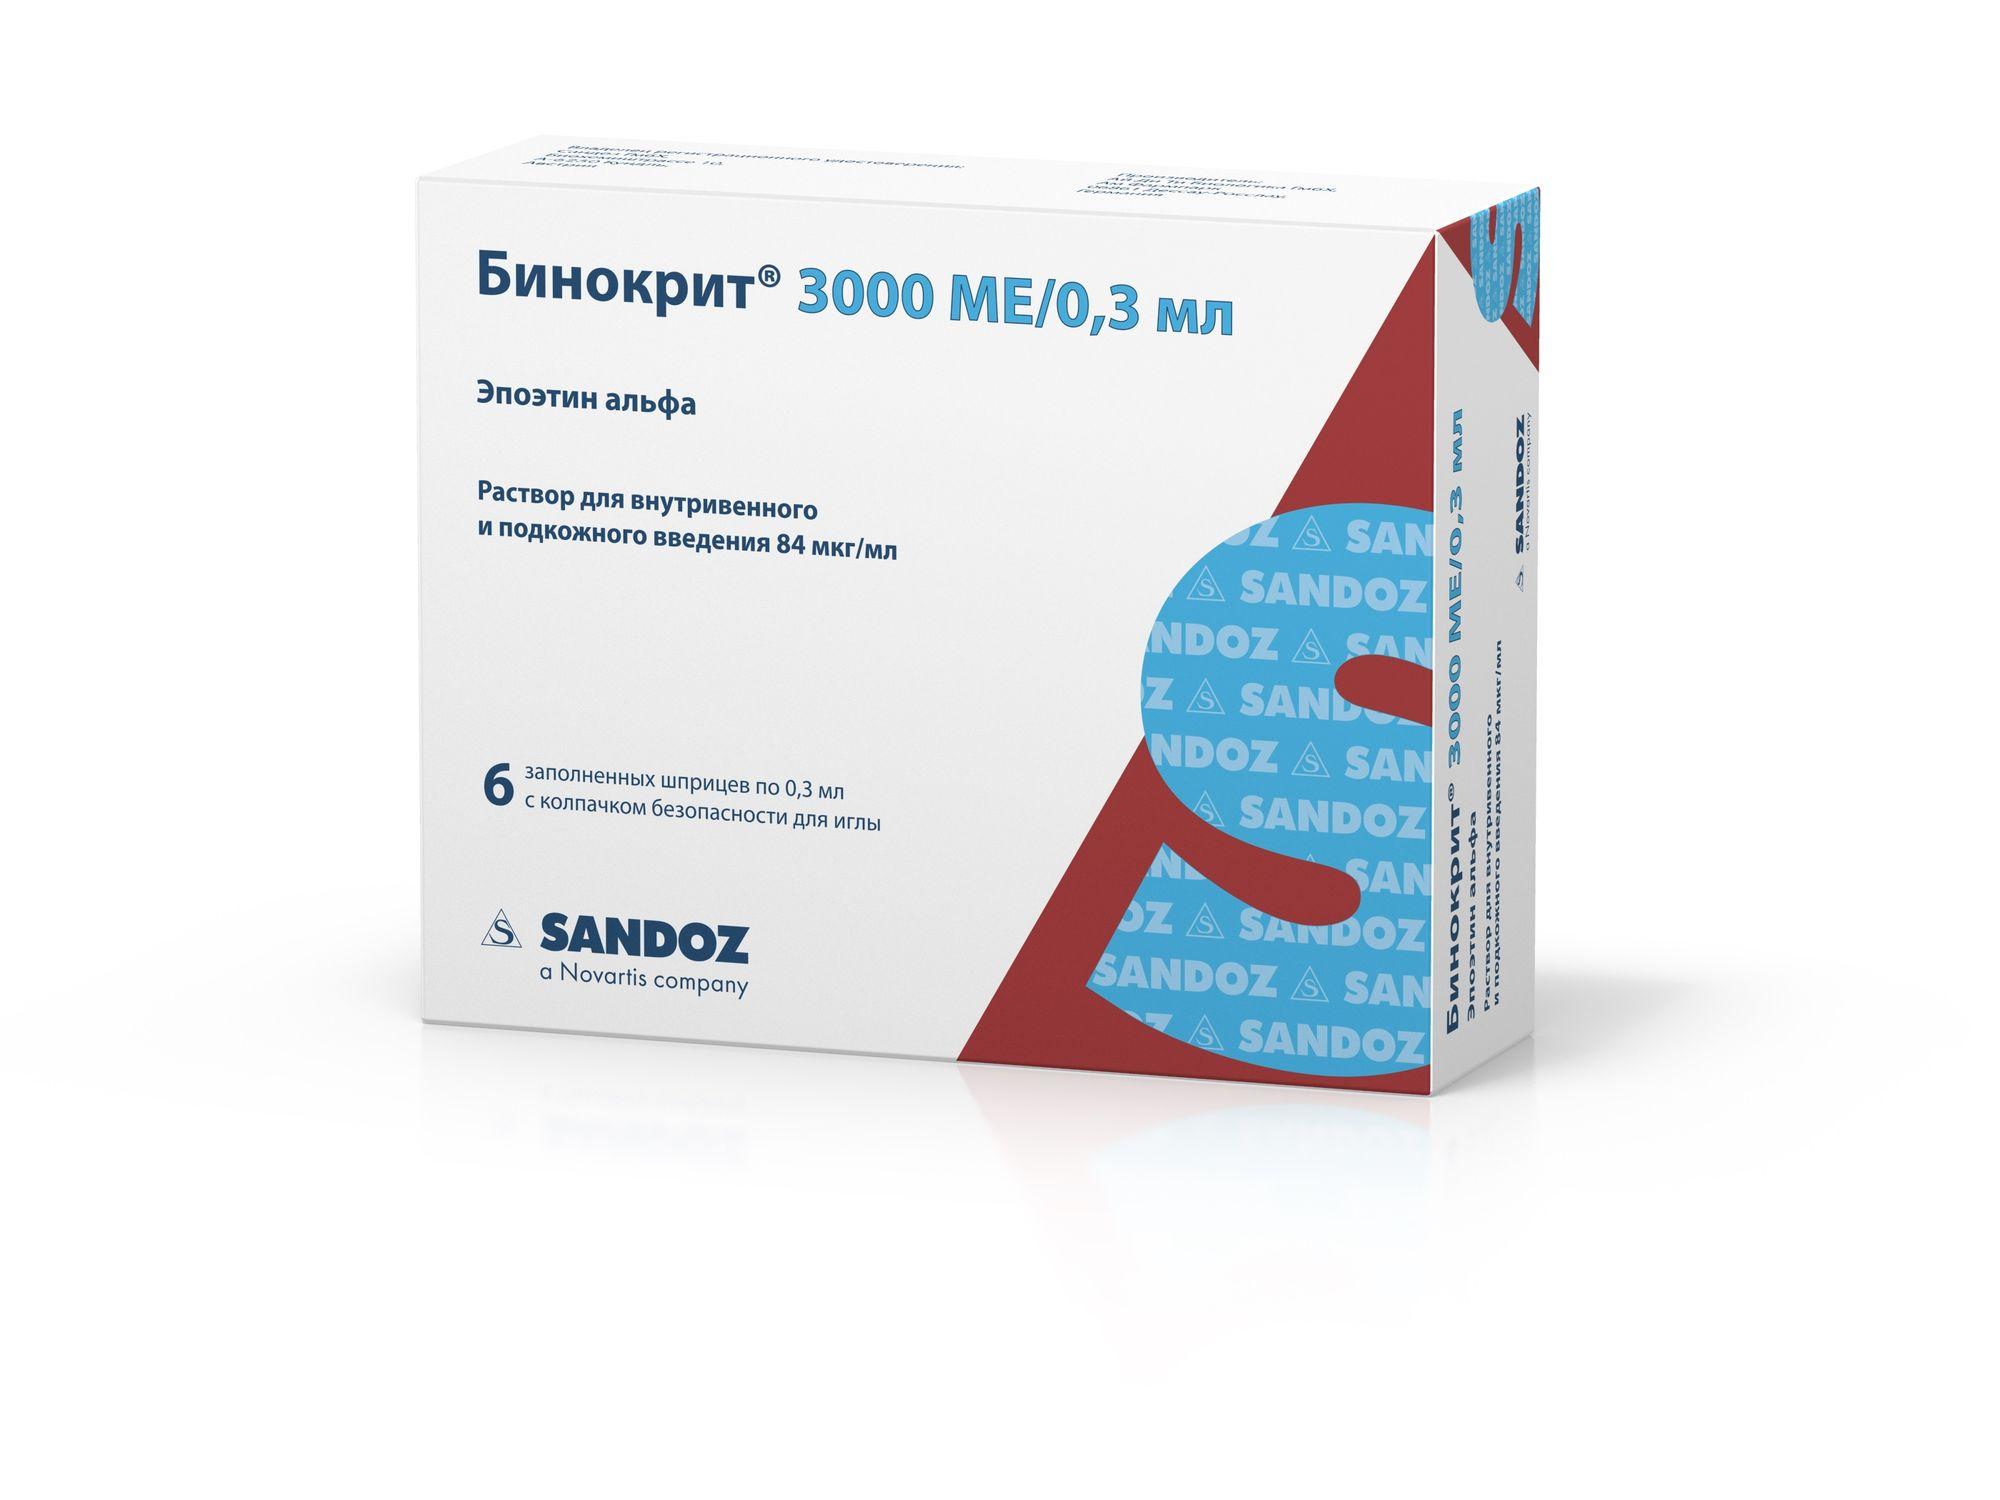 Бинокрит, 84 мкг/мл (3000 МЕ/0.3 мл), раствор для внутривенного и подкожного введения, 0.3 мл, 6 шт.